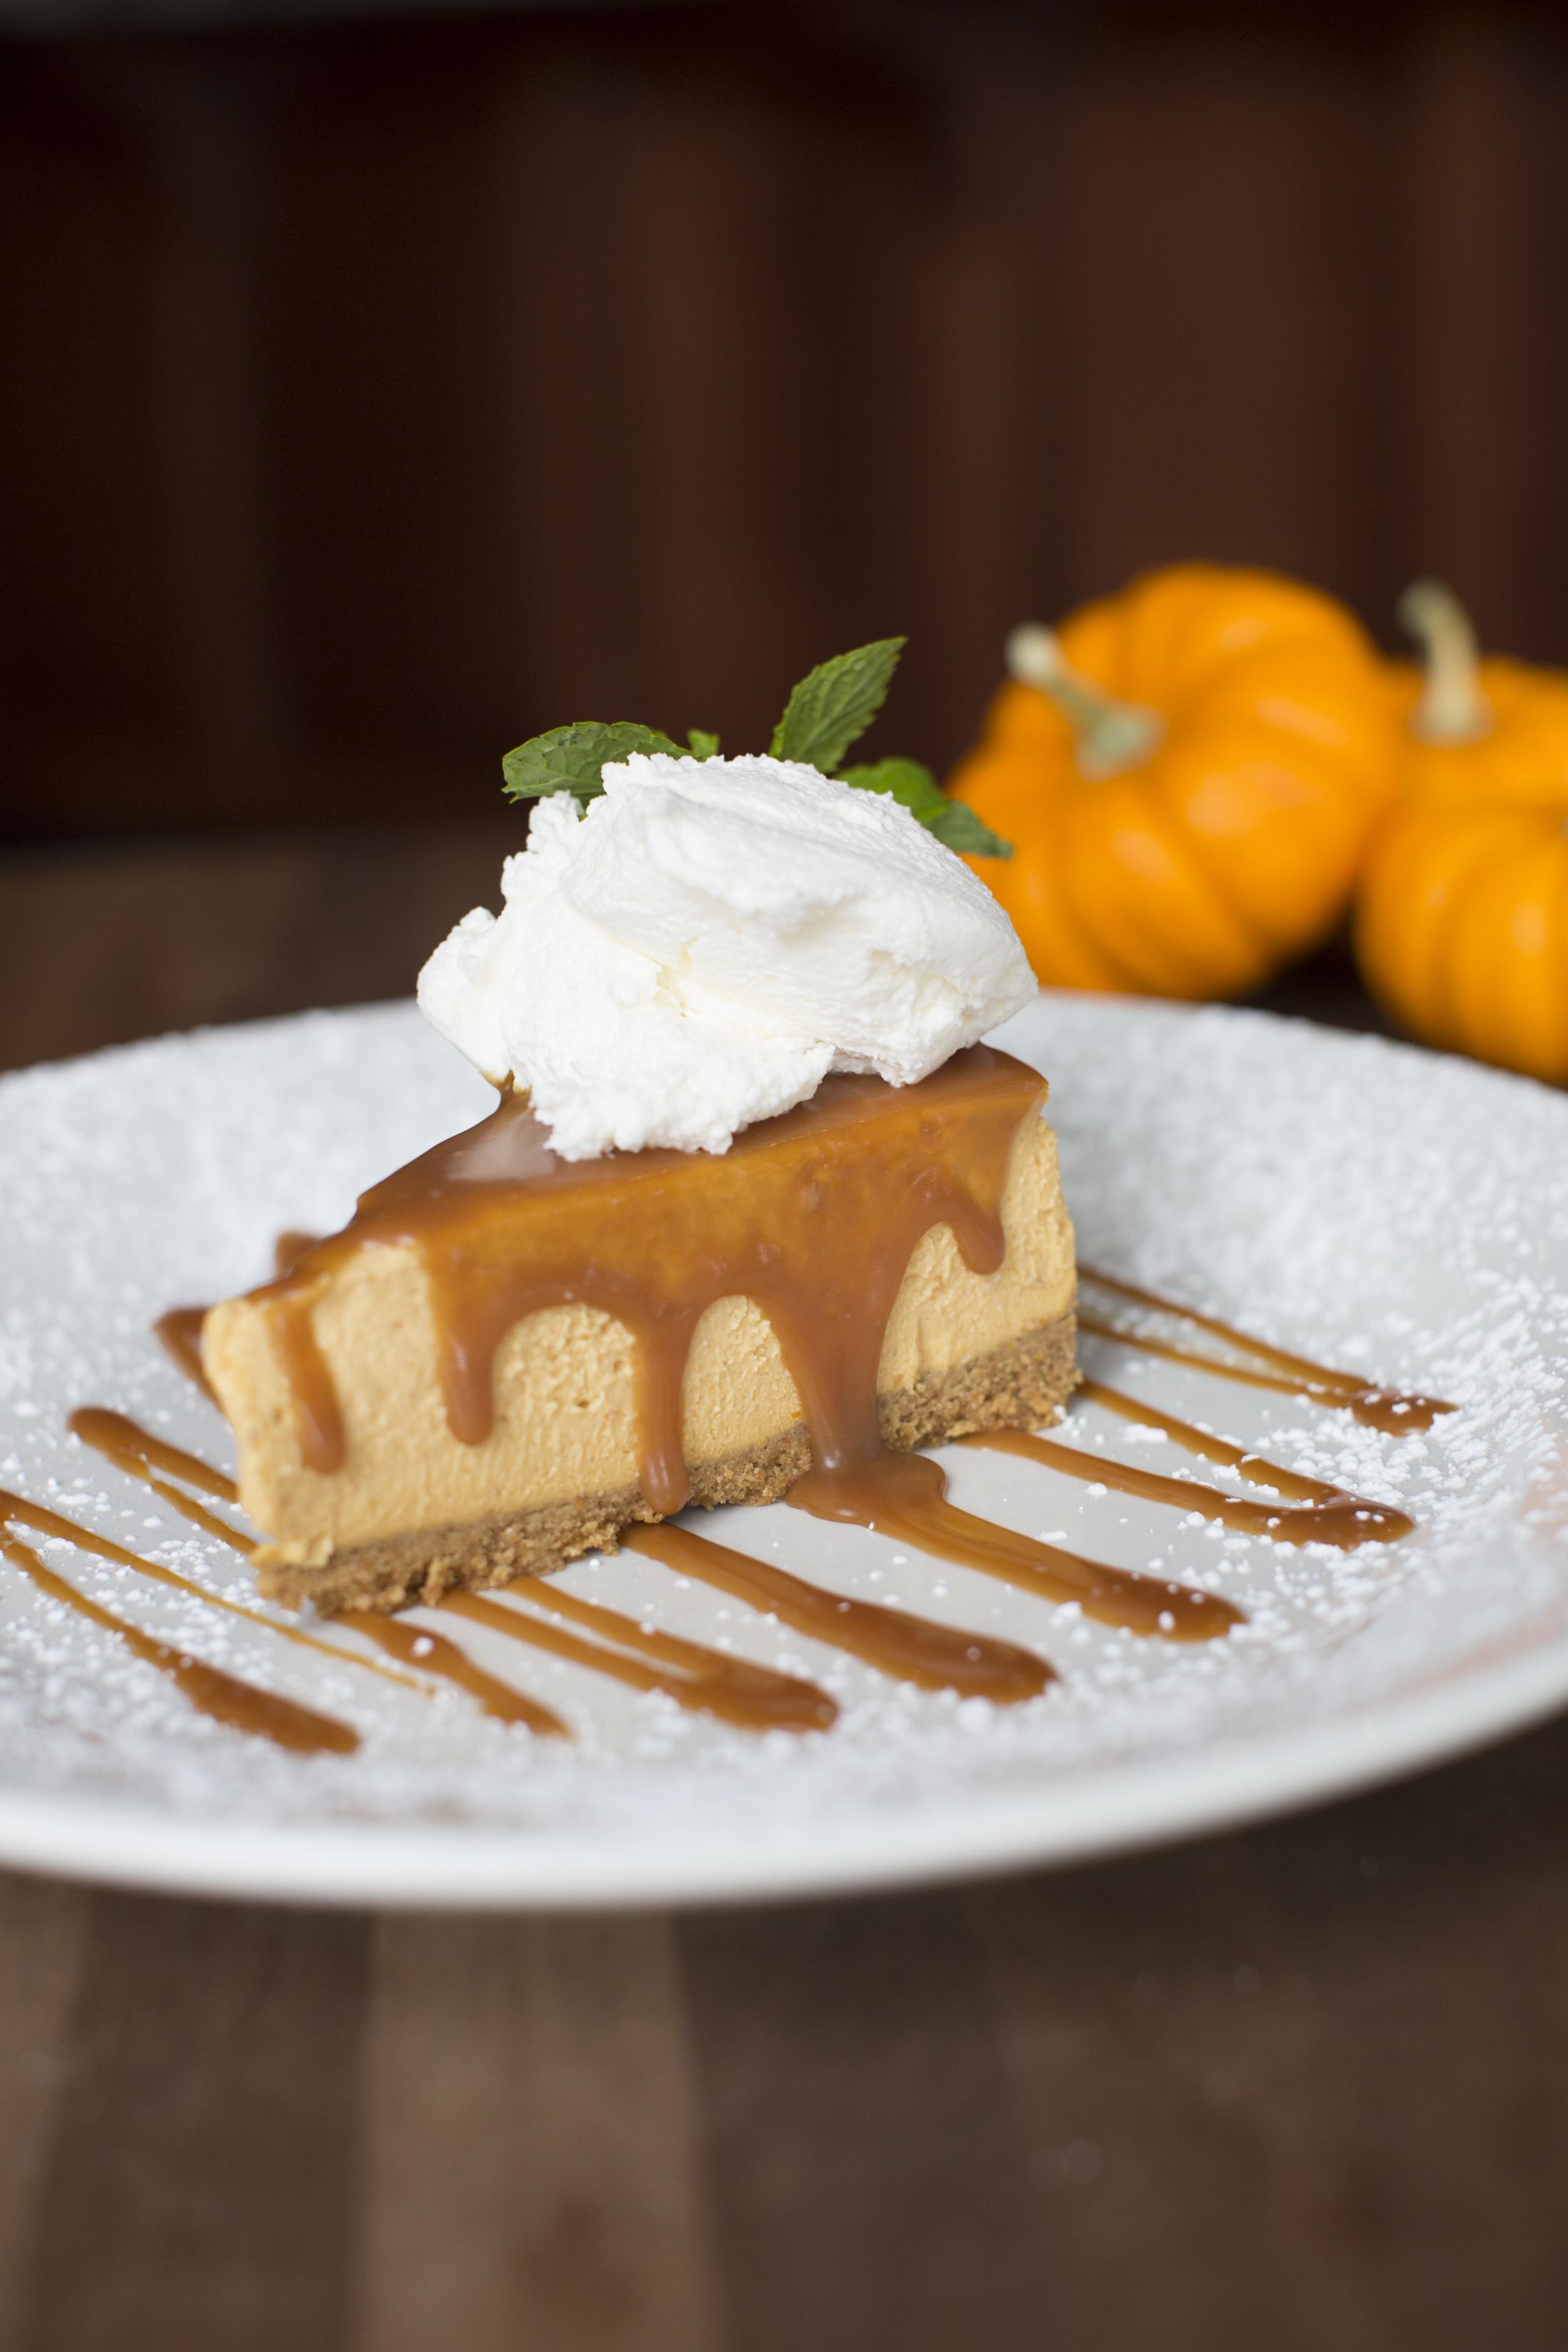 Tomatina_Dessert_LG-31.jpg